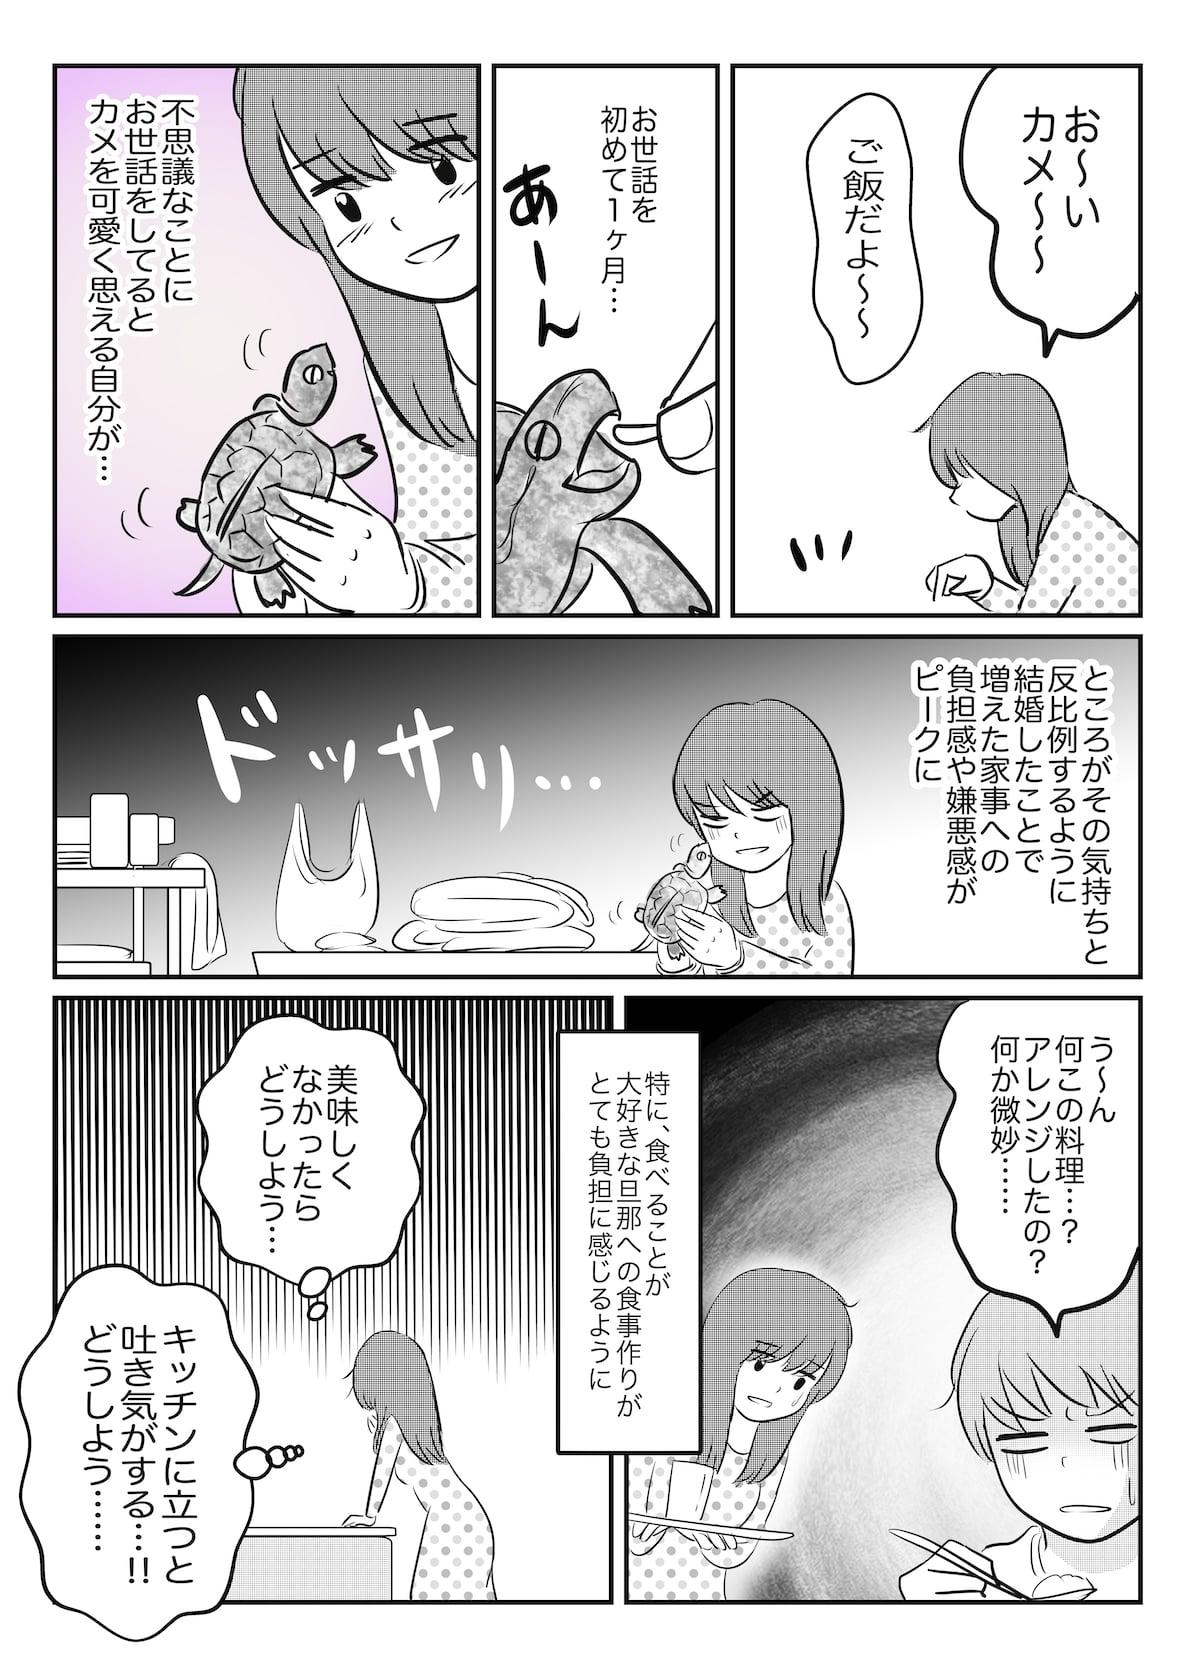 旦那とカメ_002 (3)